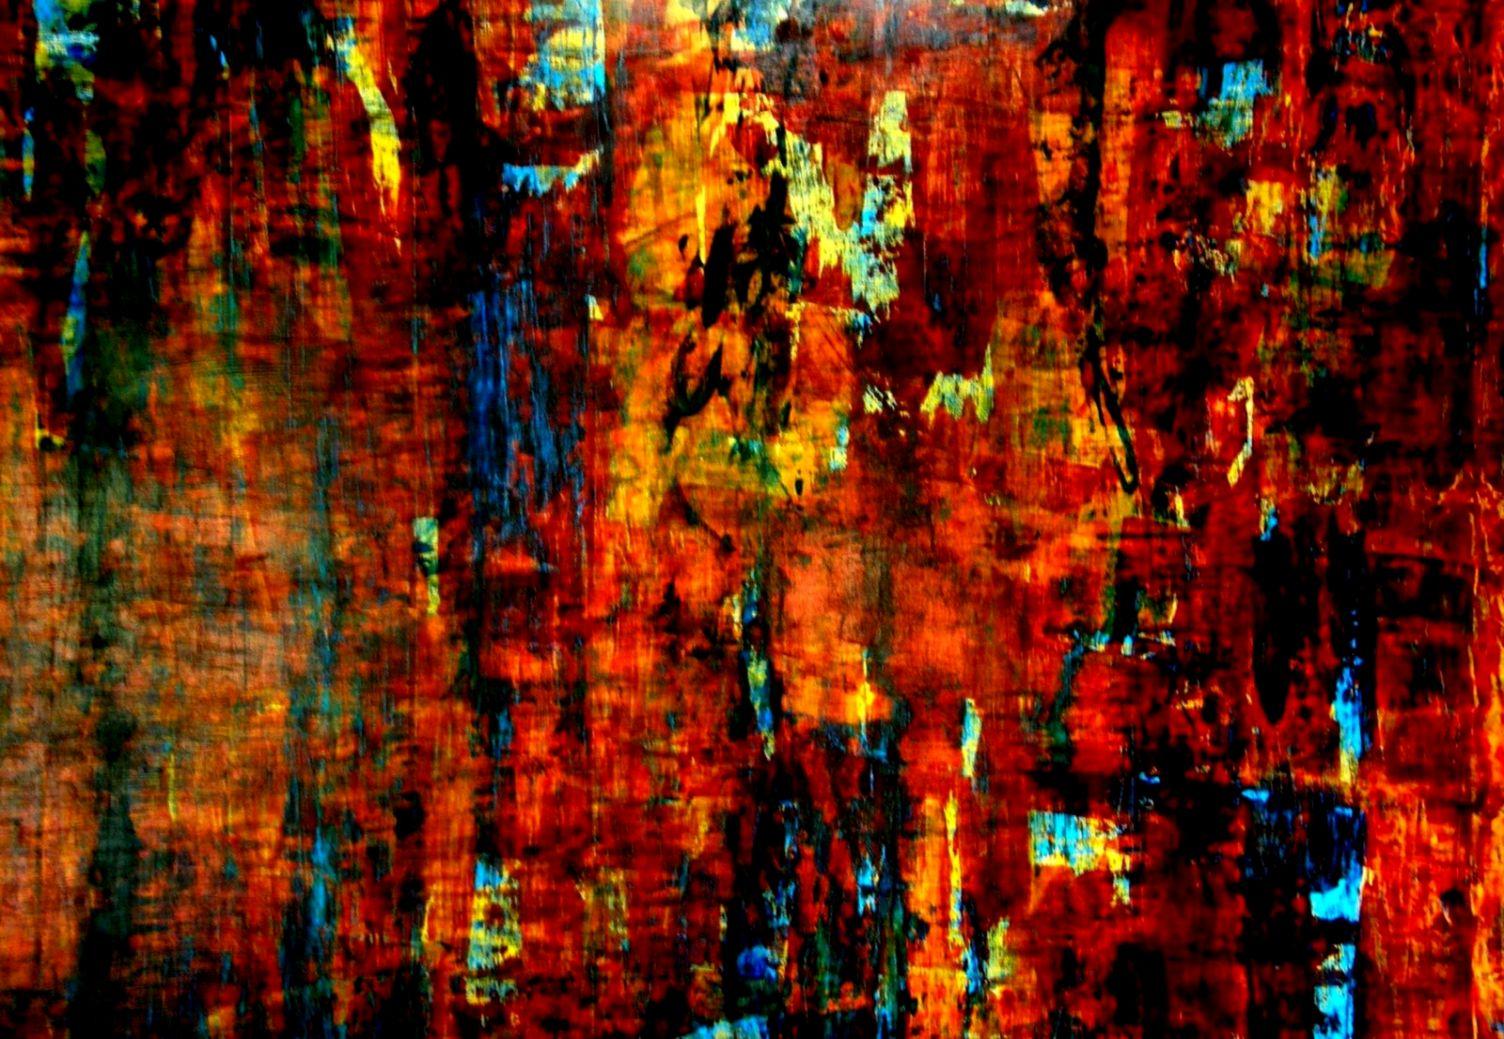 Red Abstract Art Backgrounds Hd Desktop Genius Wallpapers